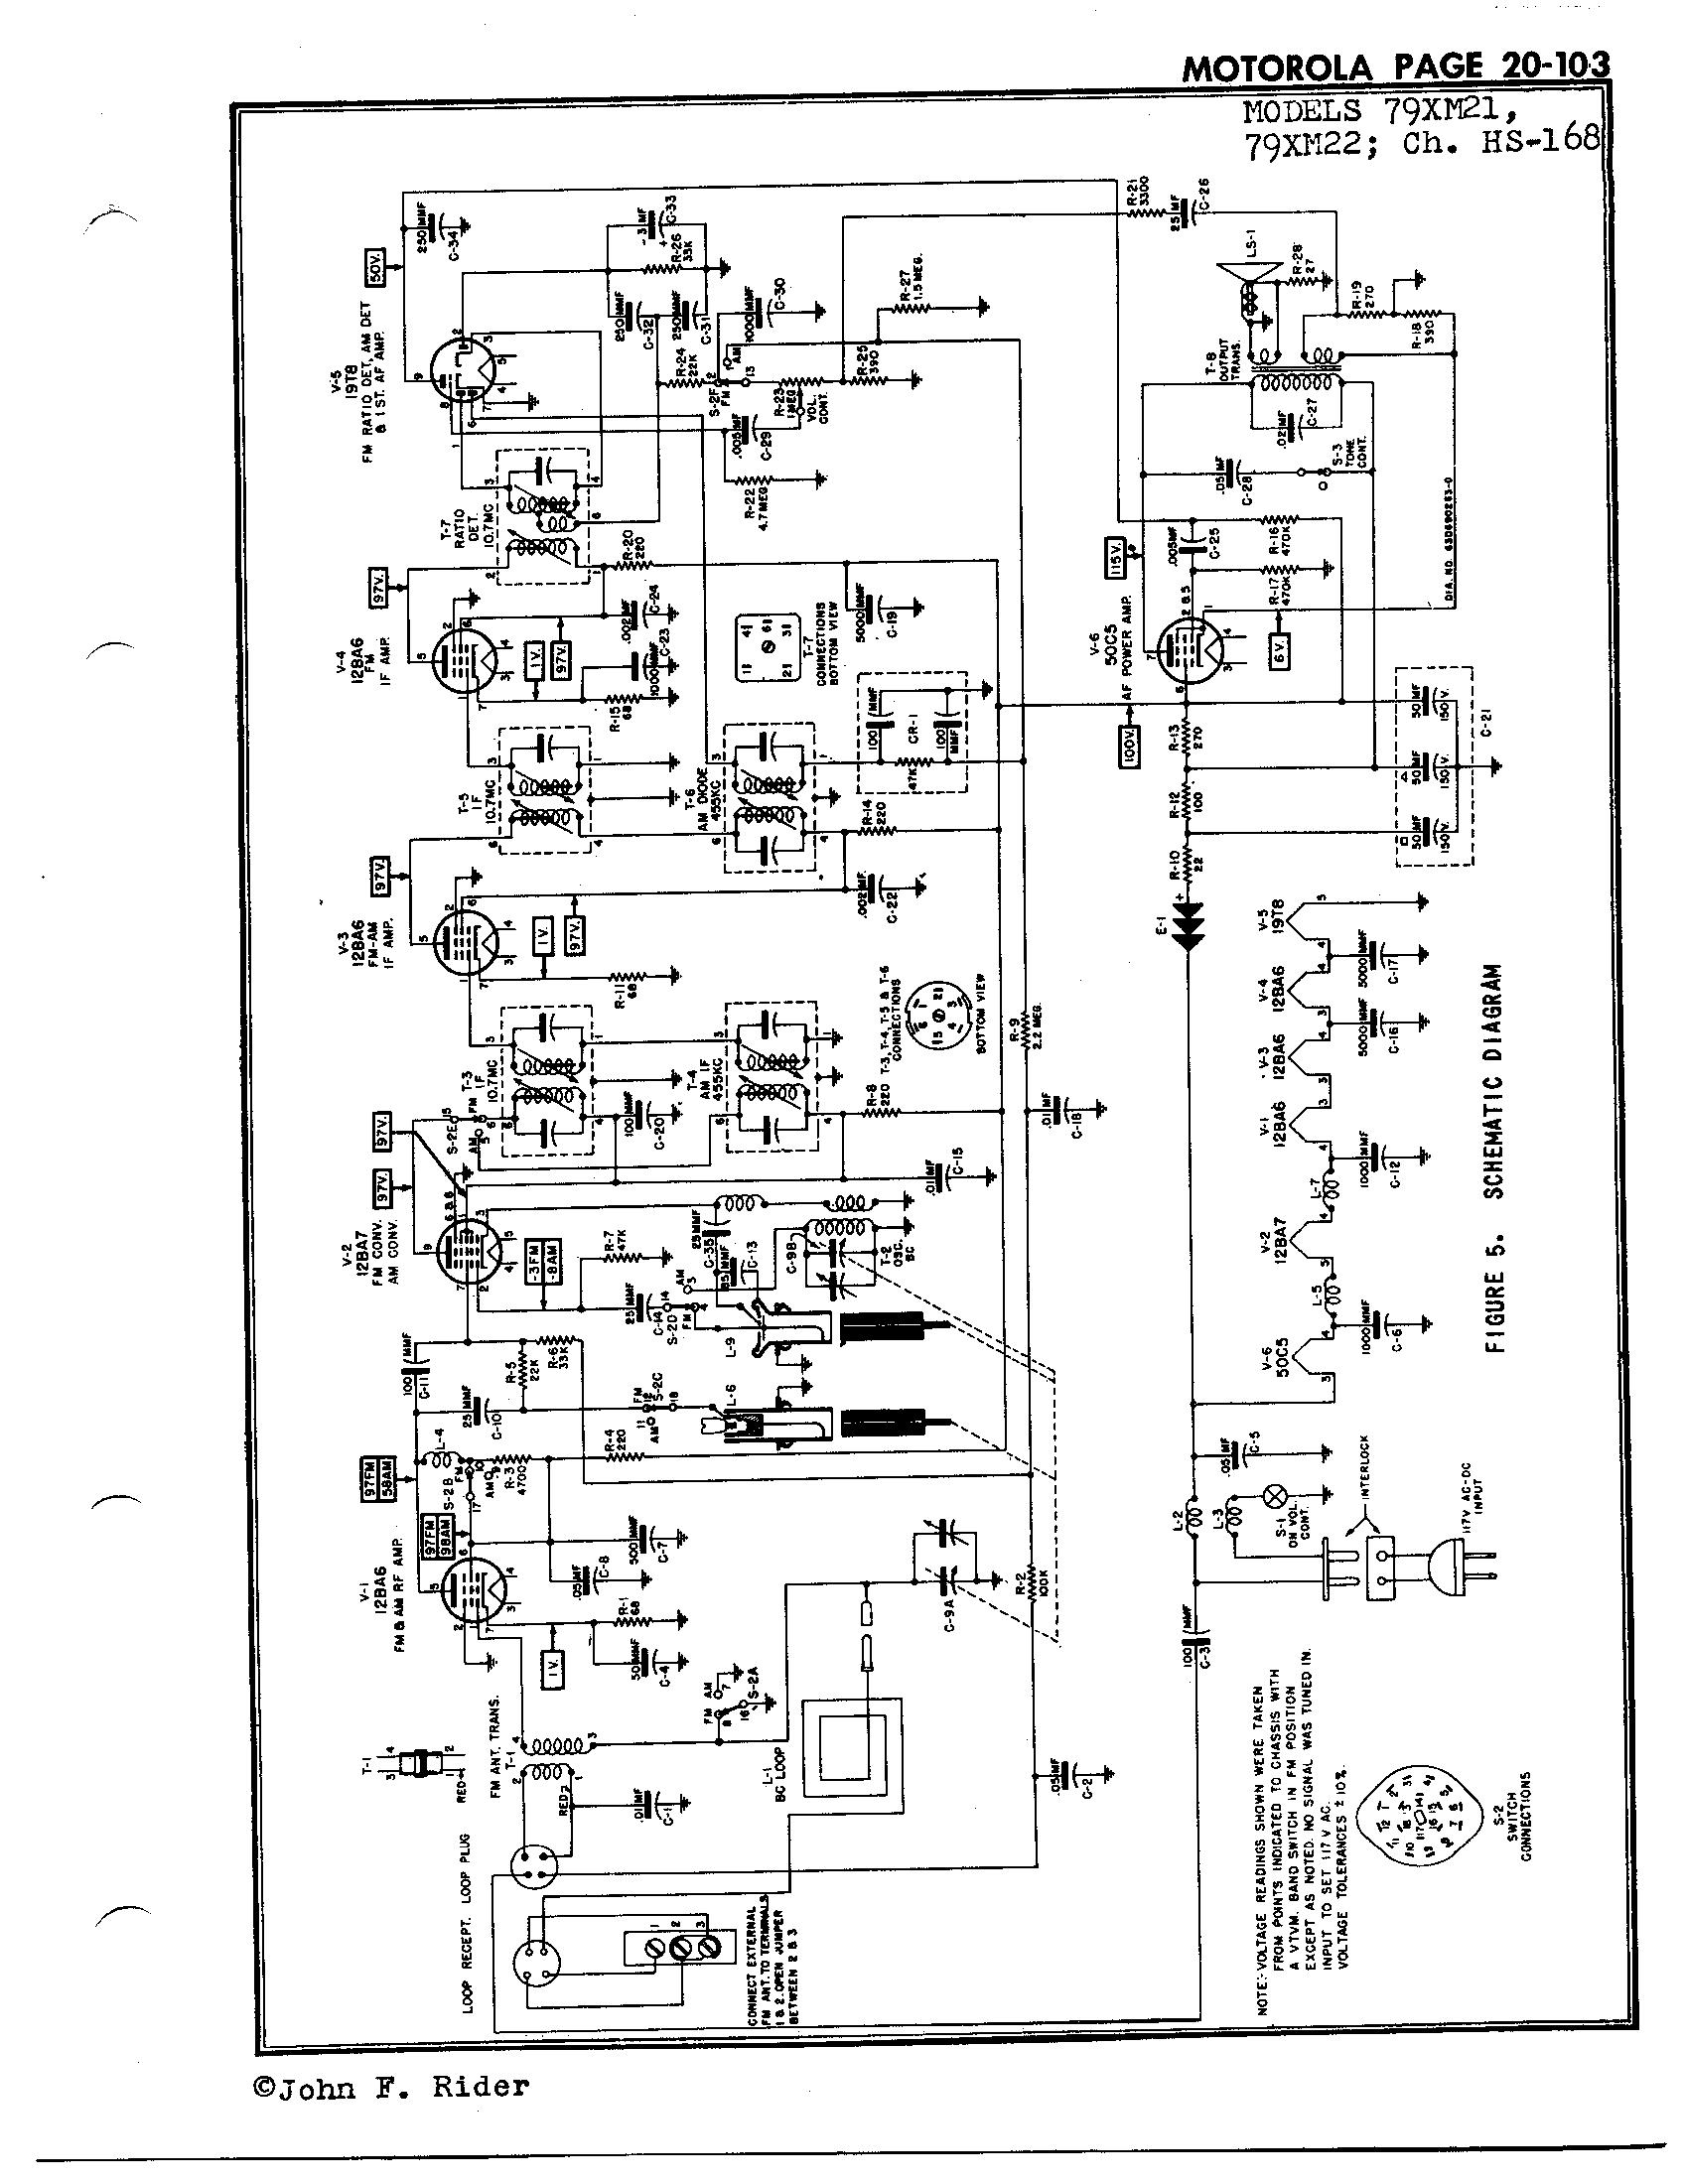 motorola 79xm22